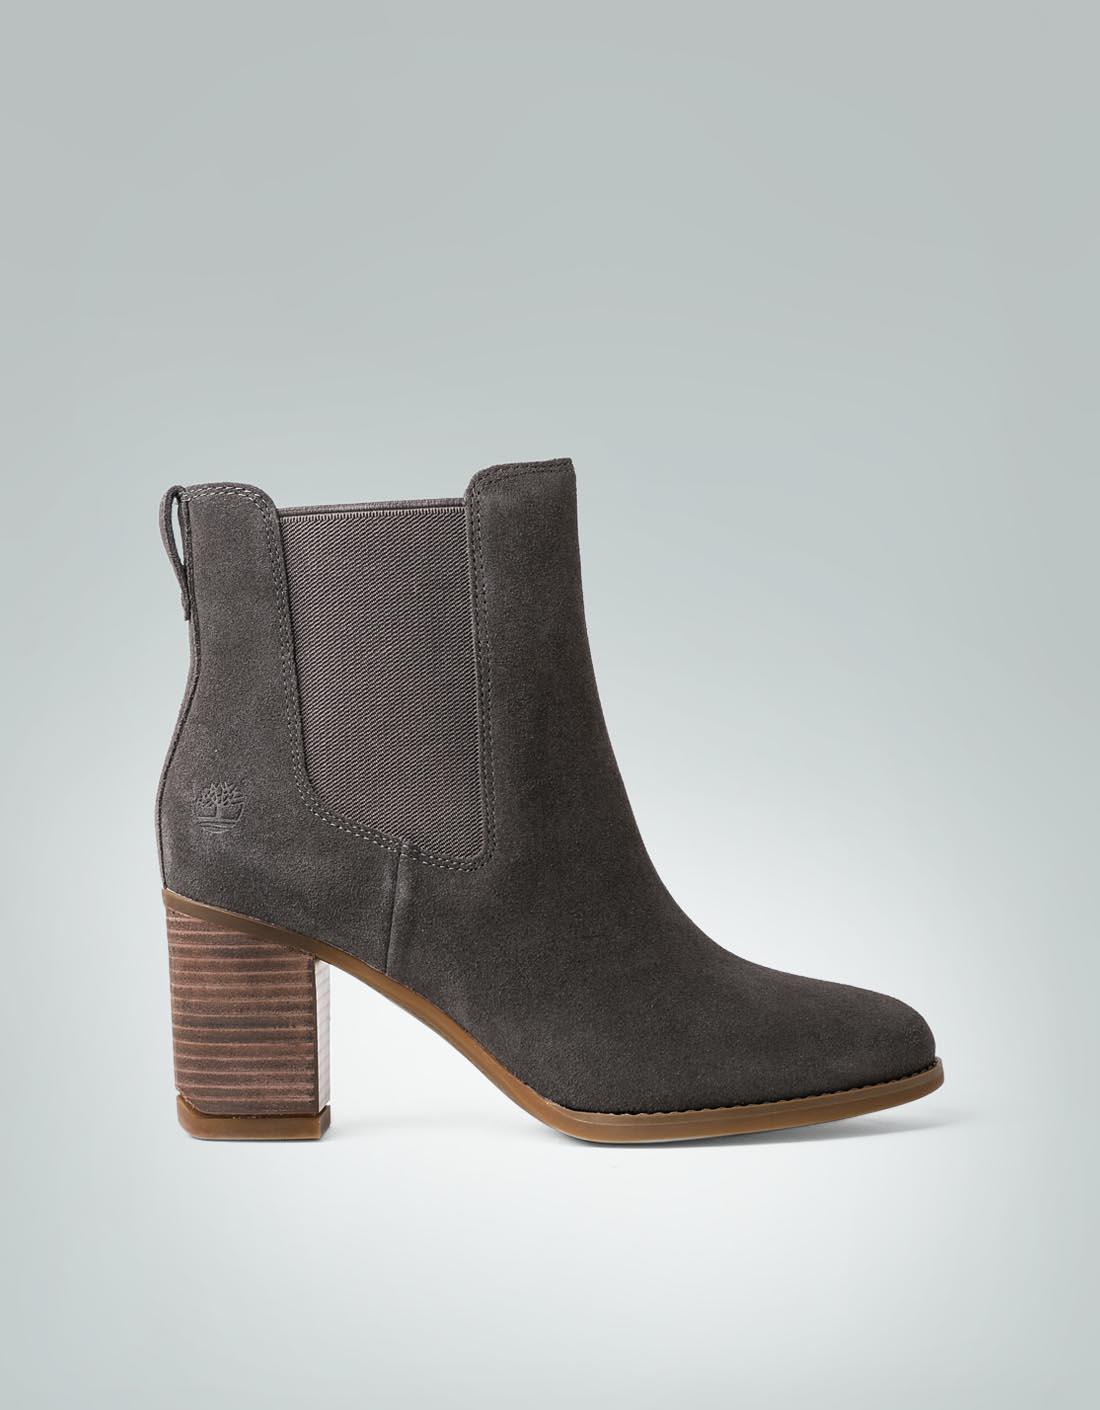 Timberland Damen Schuhe Stiefelette mit seitlichen Elastik-Einsätzen grau 5nLm68